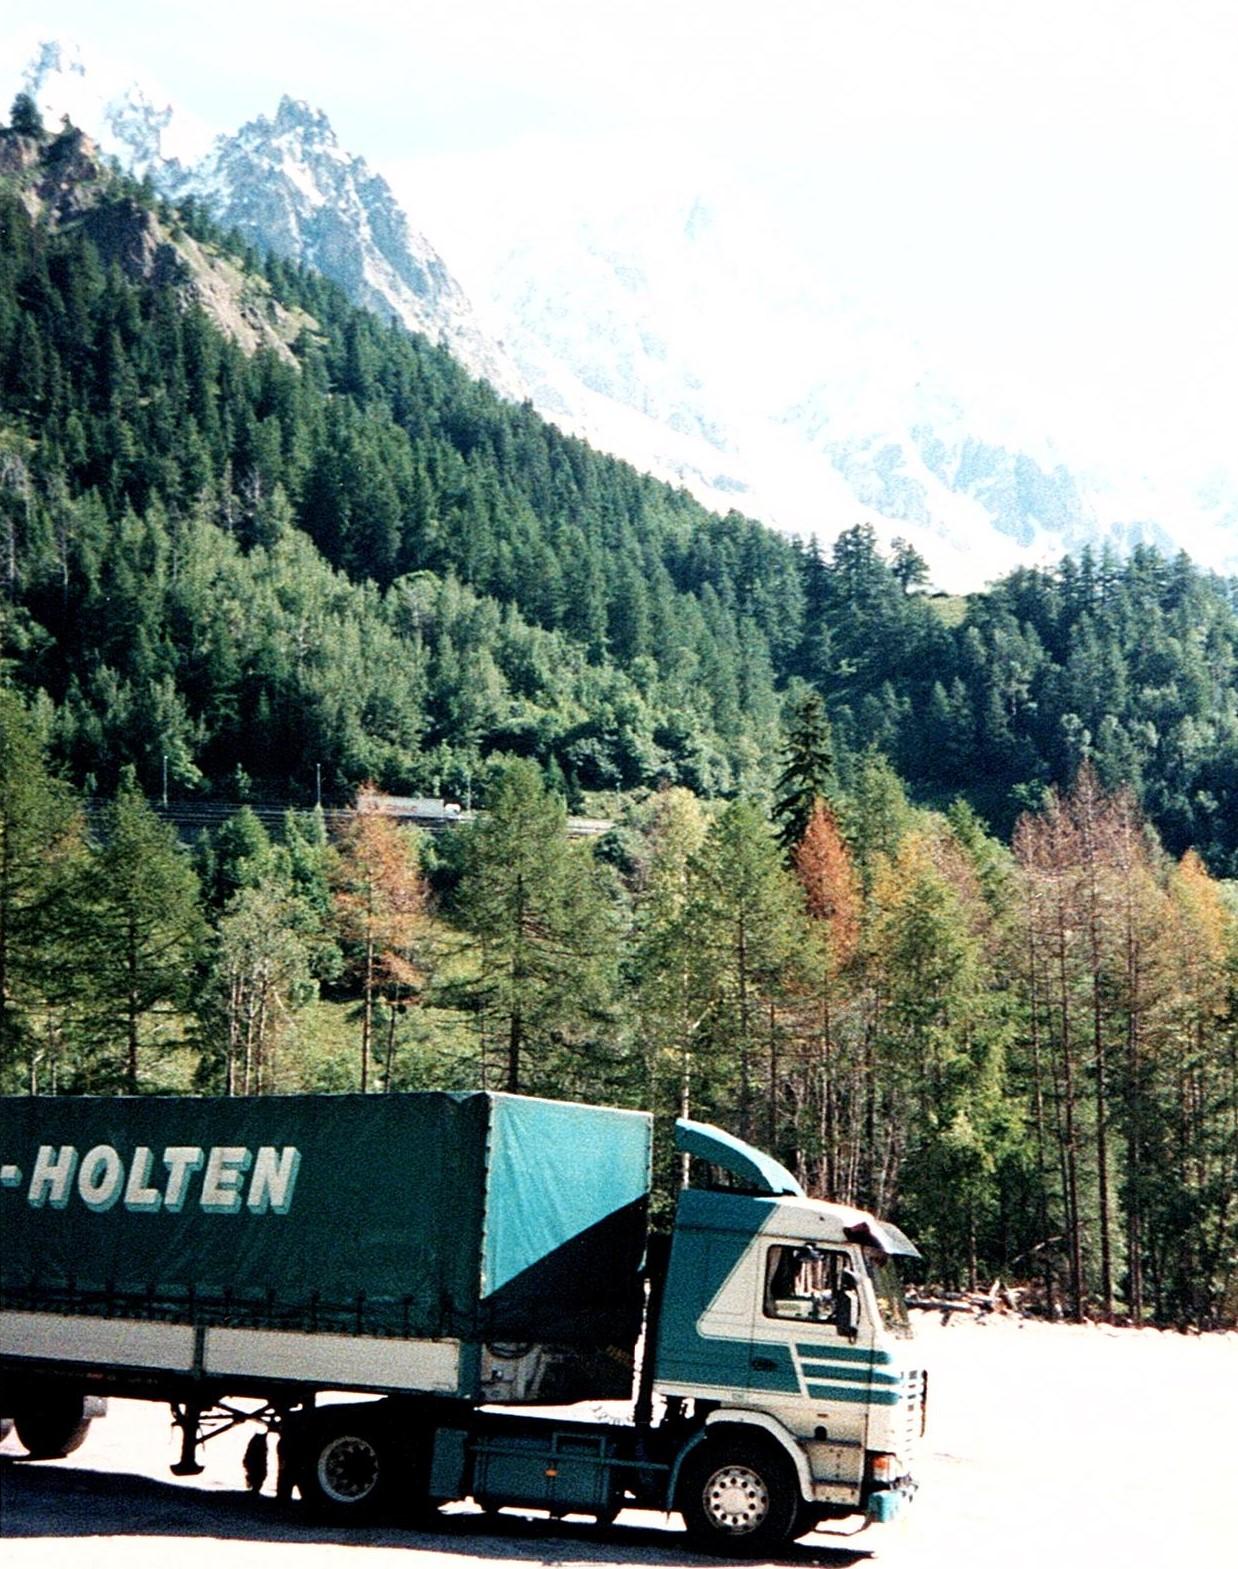 Bert-met-de-Scania-vakantie-vieren-in-Italie-5